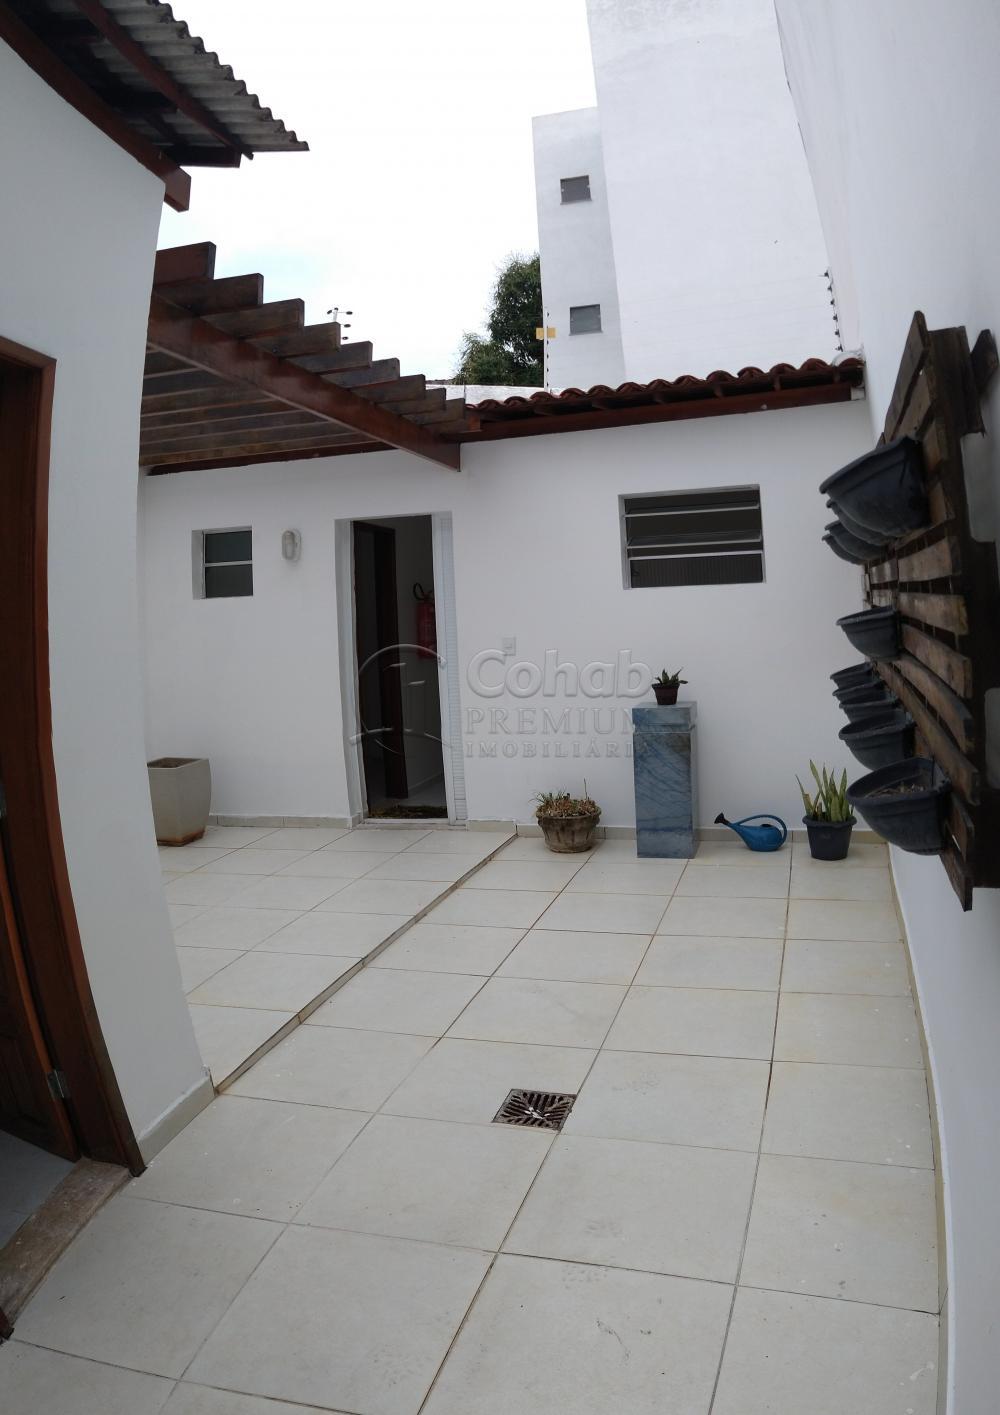 Alugar Comercial / Ponto Comercial em Aracaju apenas R$ 8.000,00 - Foto 19